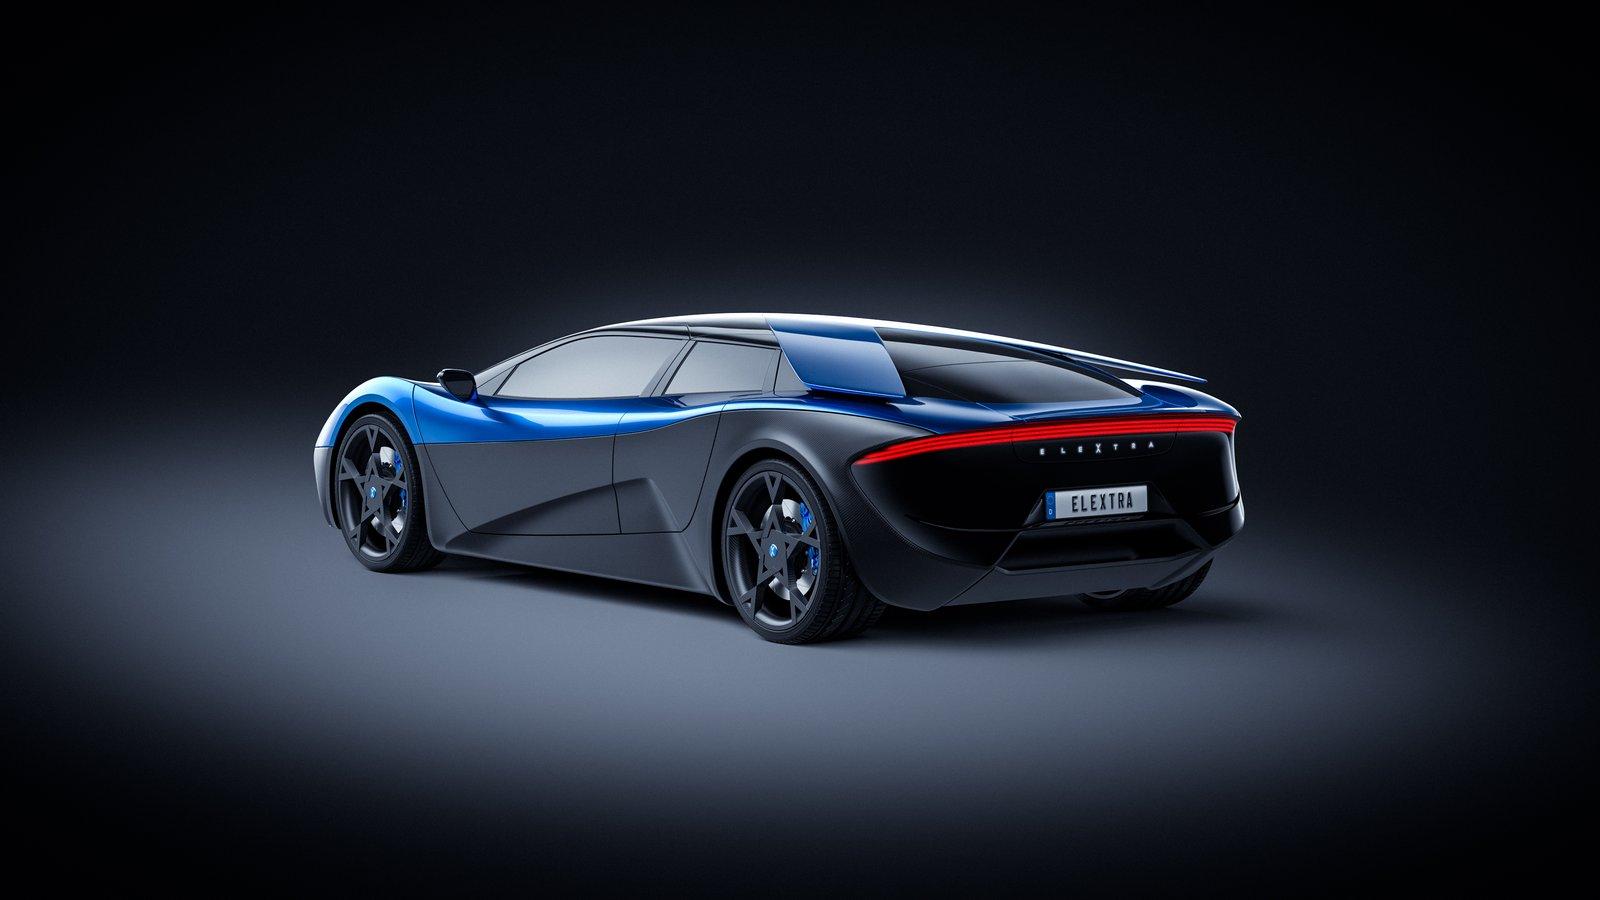 ¡Atención Porsche Mission E! Elextra, un rival que realiza el 0-100 km/h en 2,3 segundos y anuncia 680 CV con 600 kilómetros de autonomía